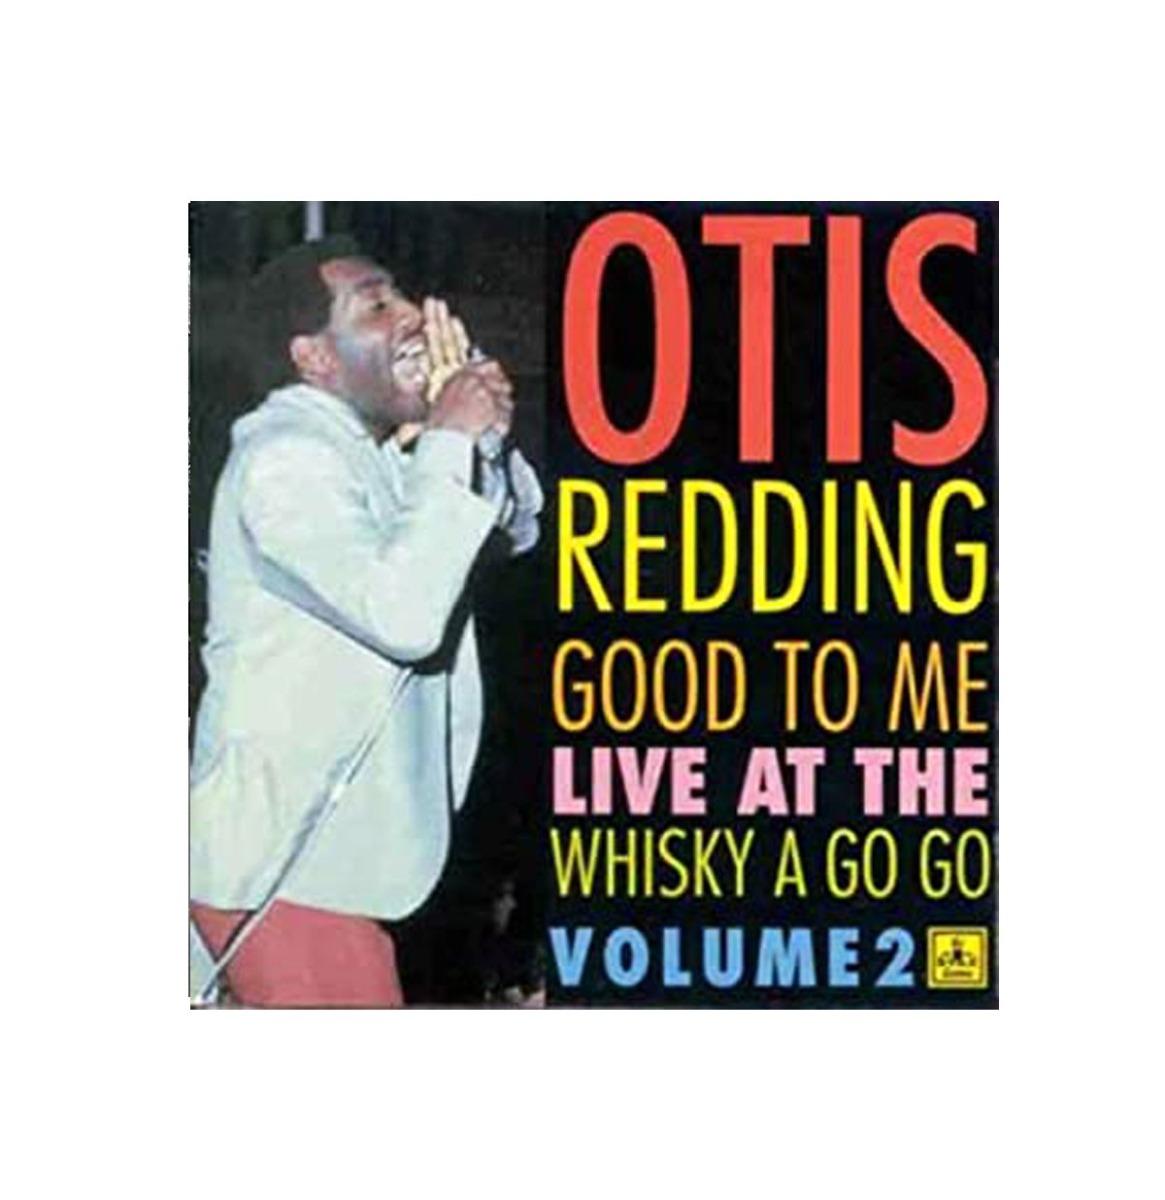 Otis Redding - Good To Me Live At The Whiskey A GoGo Volume 2 LP